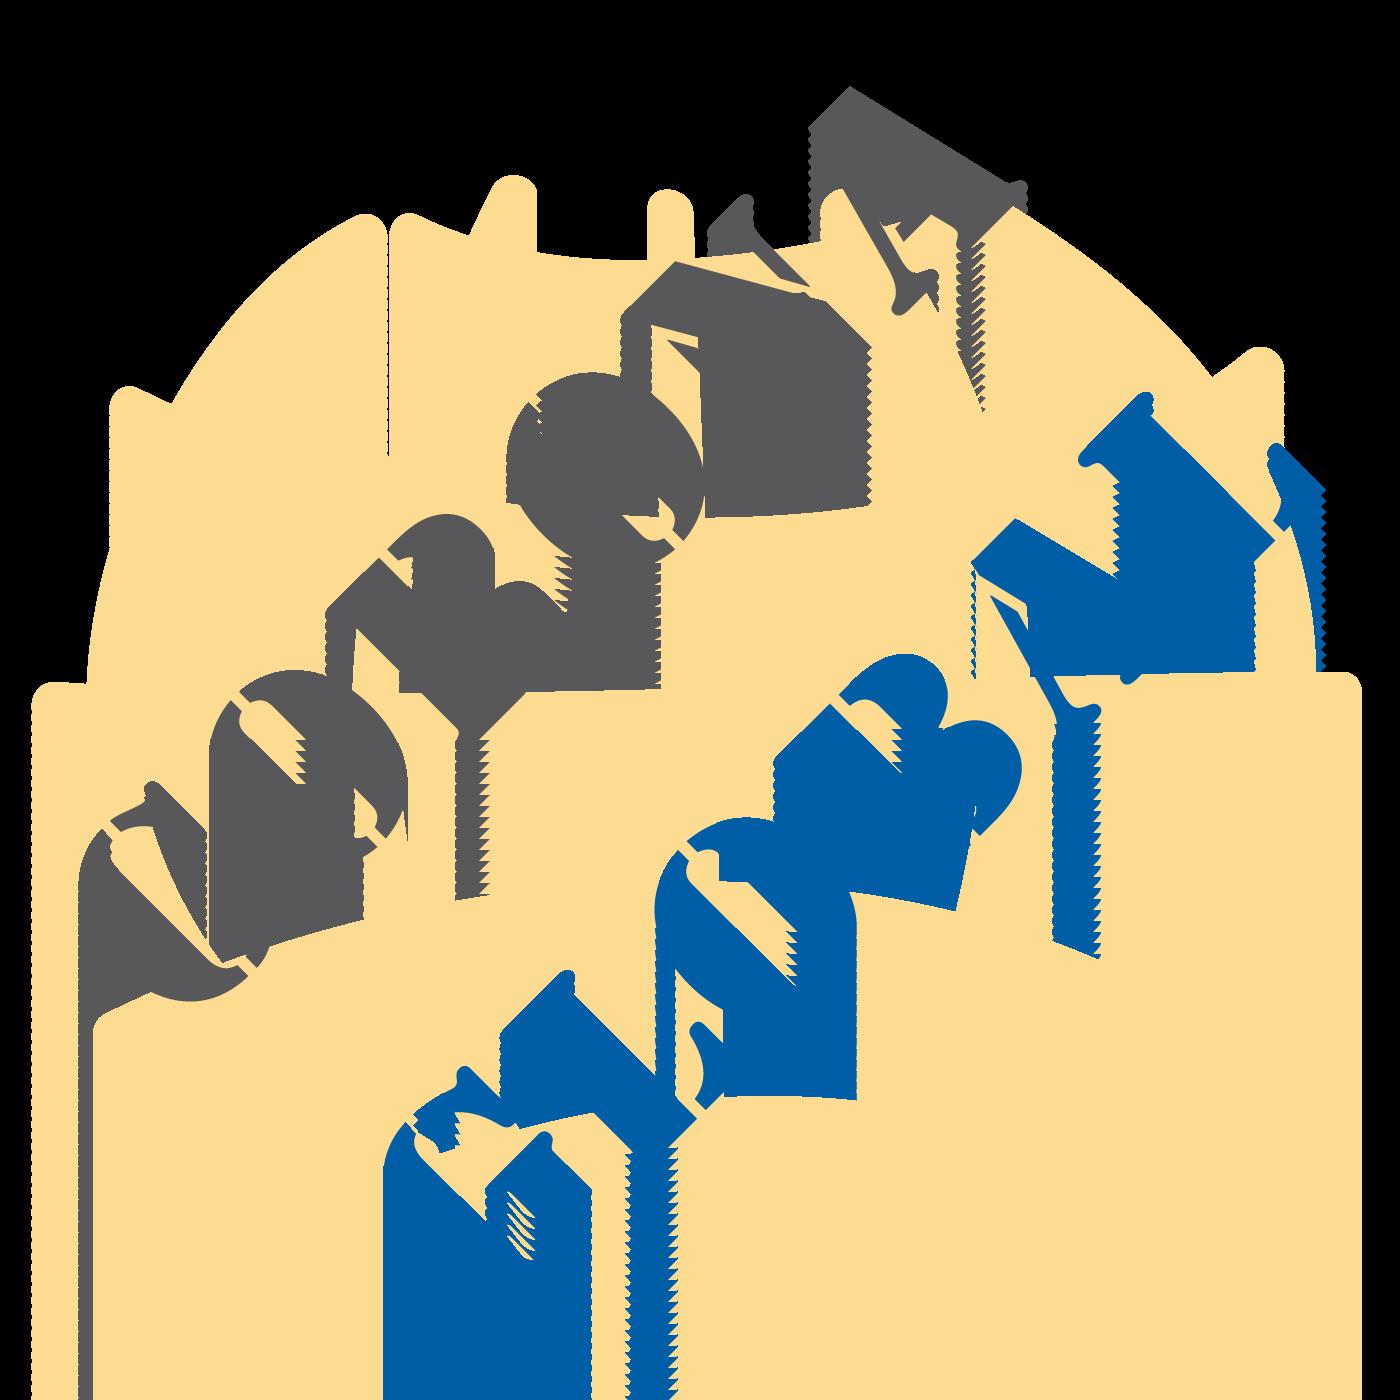 logo corona global